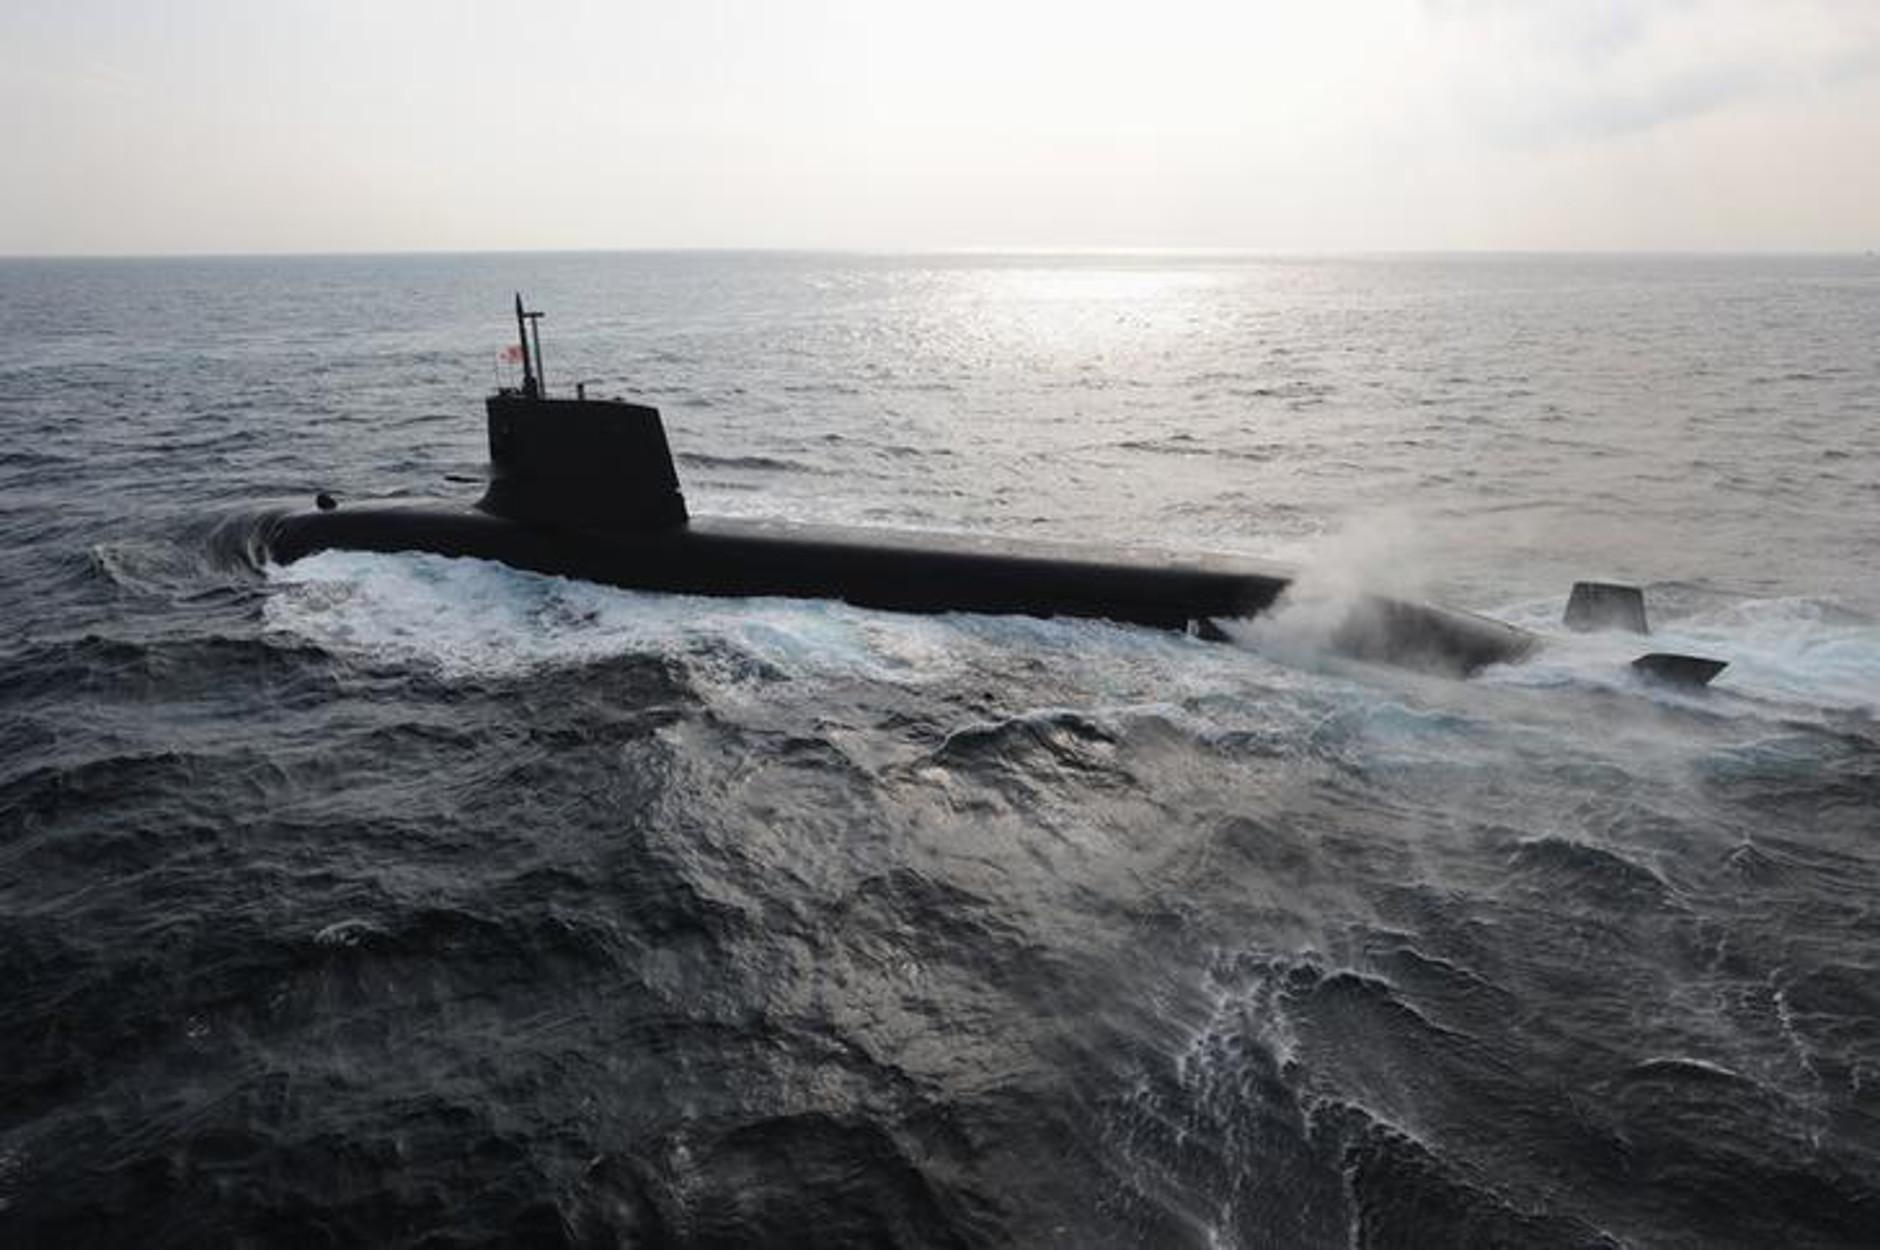 Η Νότια Κορέα πραγματοποίησε εκτόξευση βαλλιστικού πυραύλου από υποβρύχιο